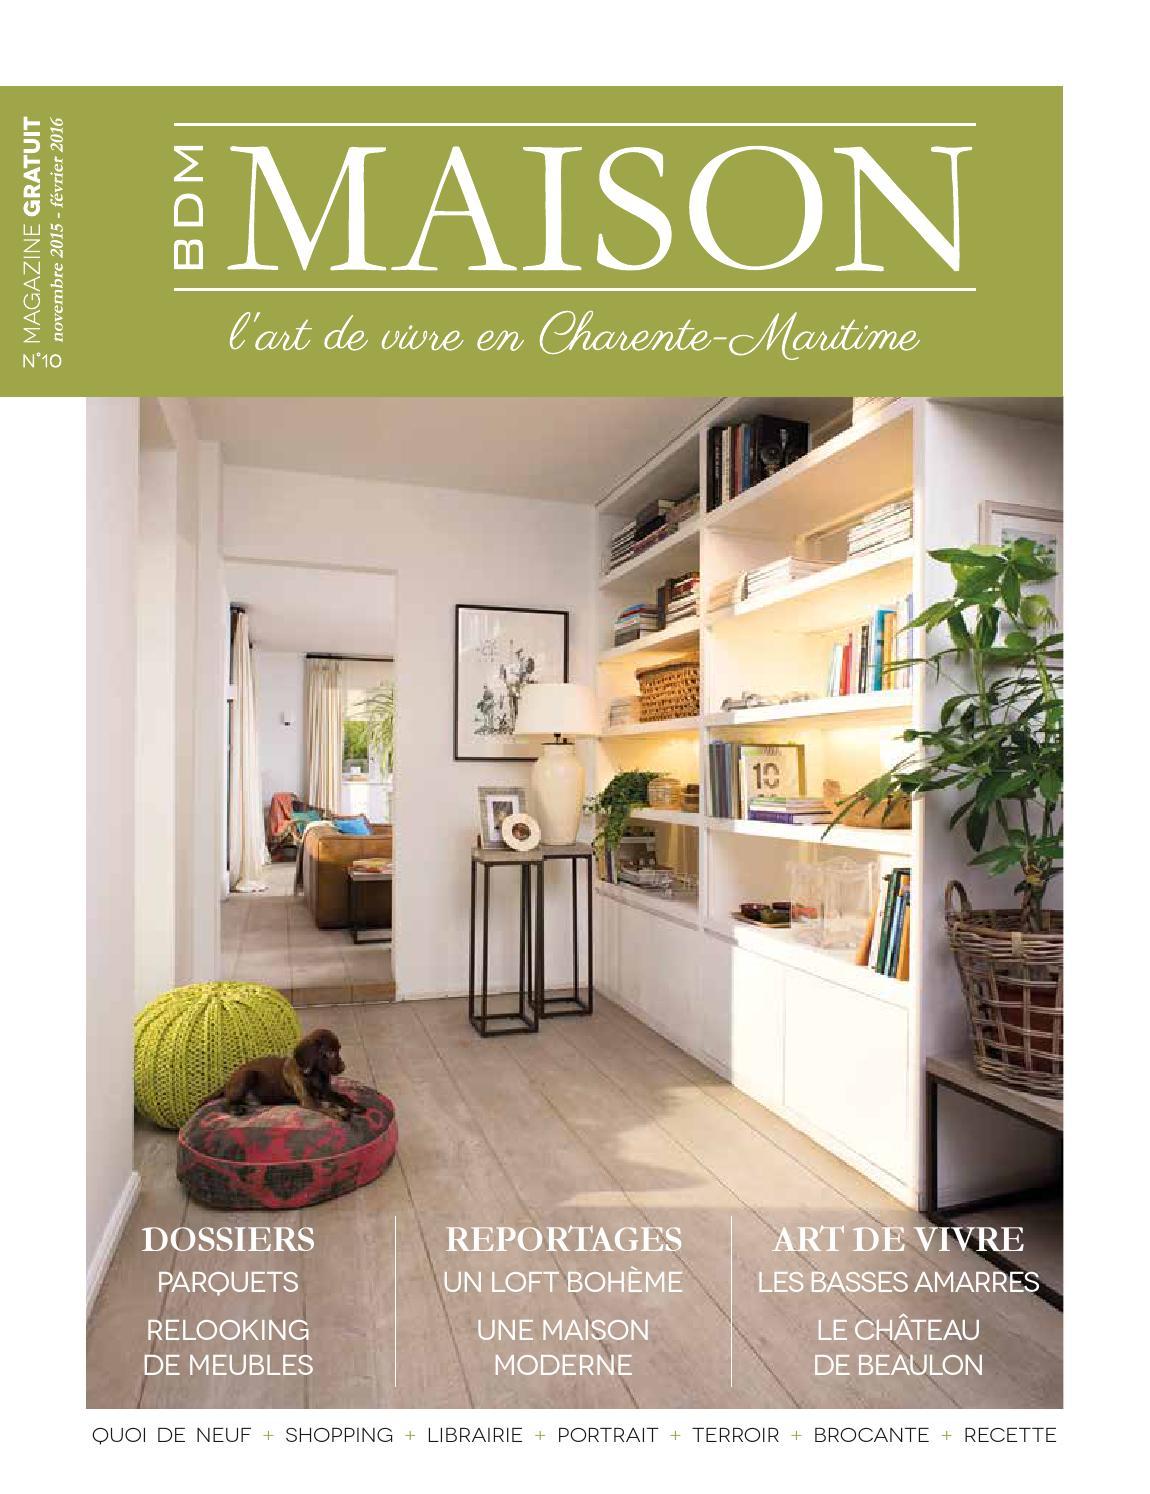 Bdm Maison Lart De Vivre En Charente Maritime N10 By Bdm